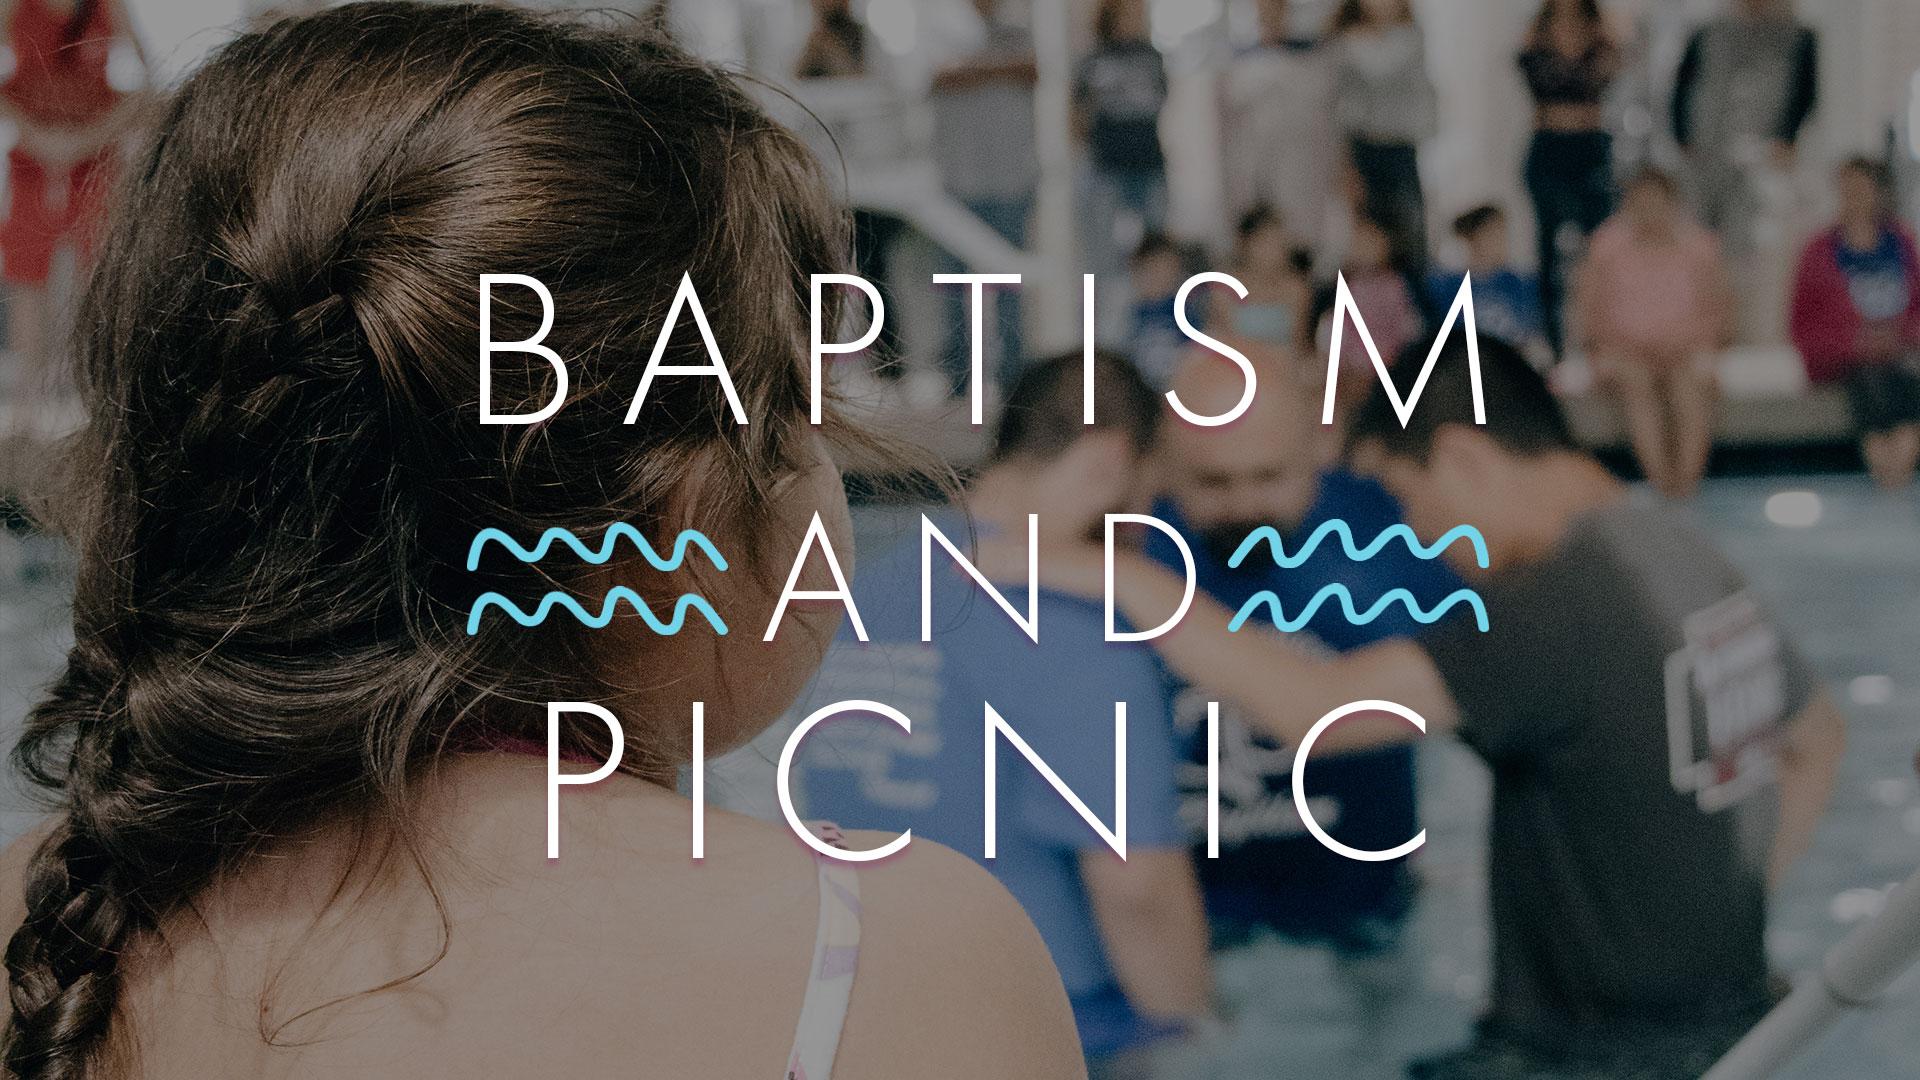 BAPTISM-BANNER-1.jpg